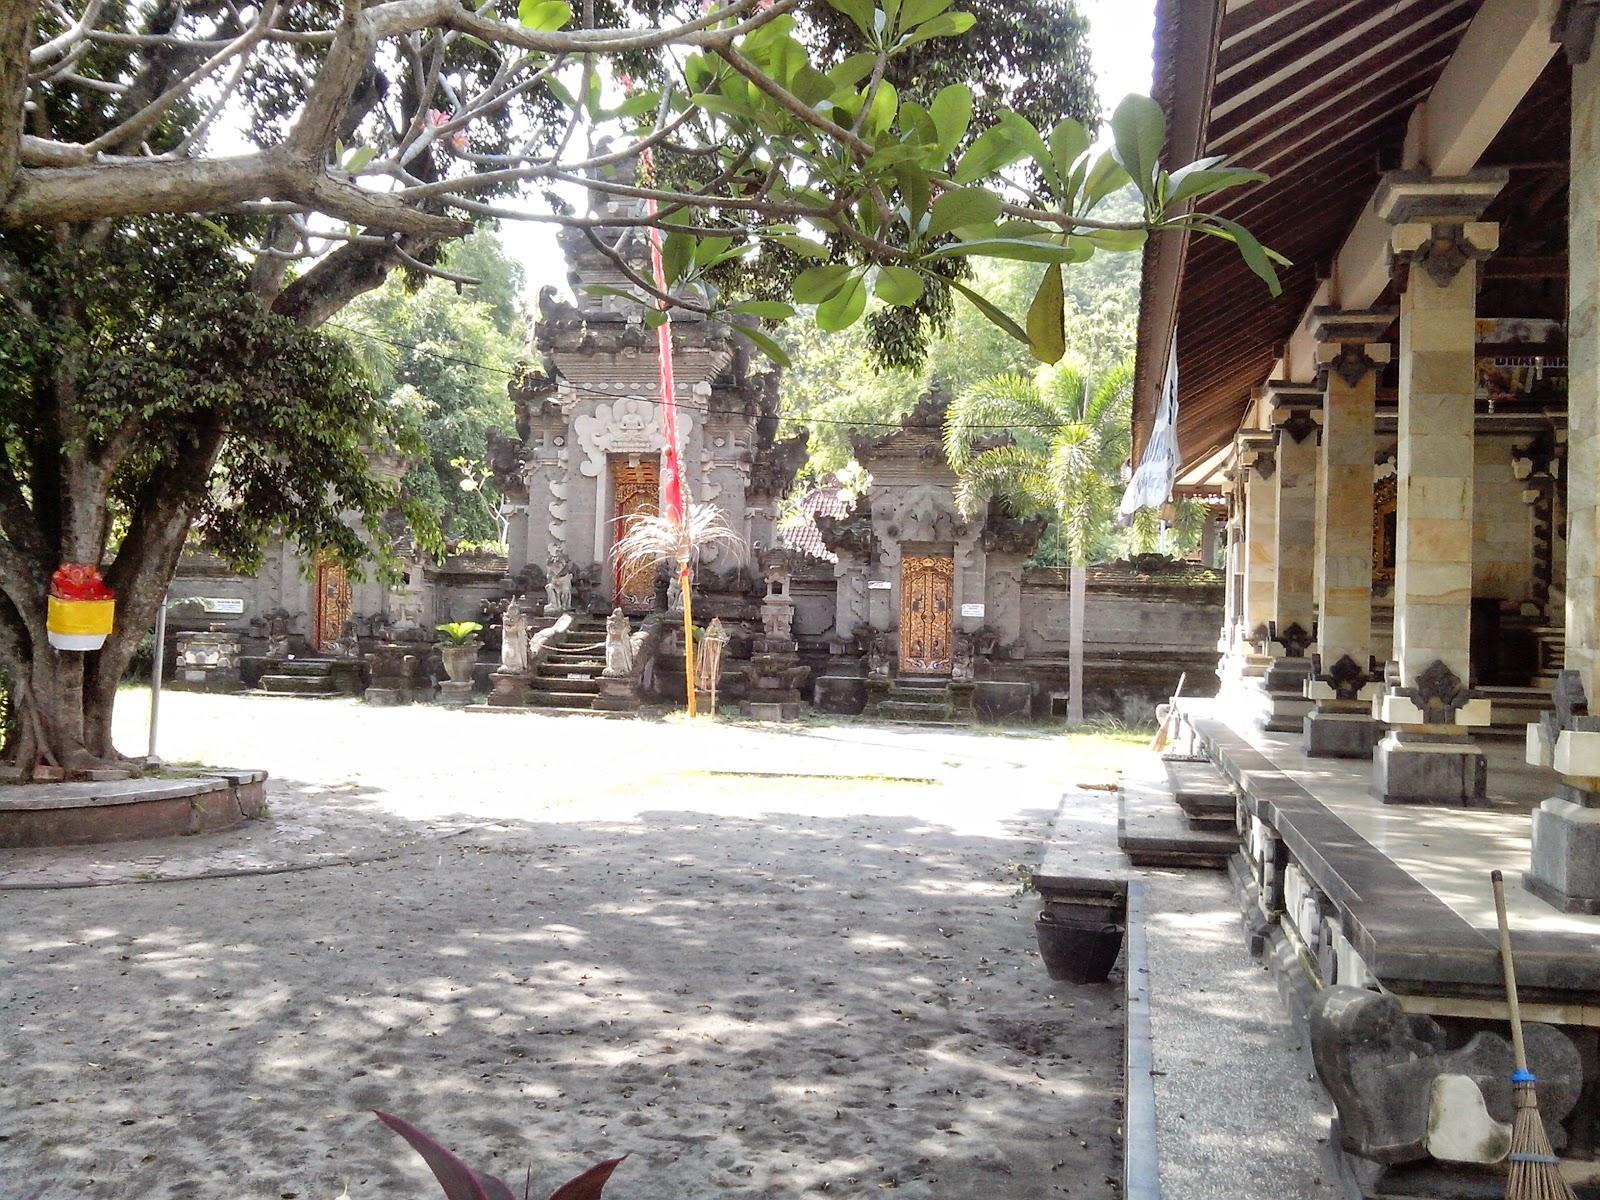 Wisata Sejarah Goa Selo Mangleng Kediri Negara Halaman Pura Penataran